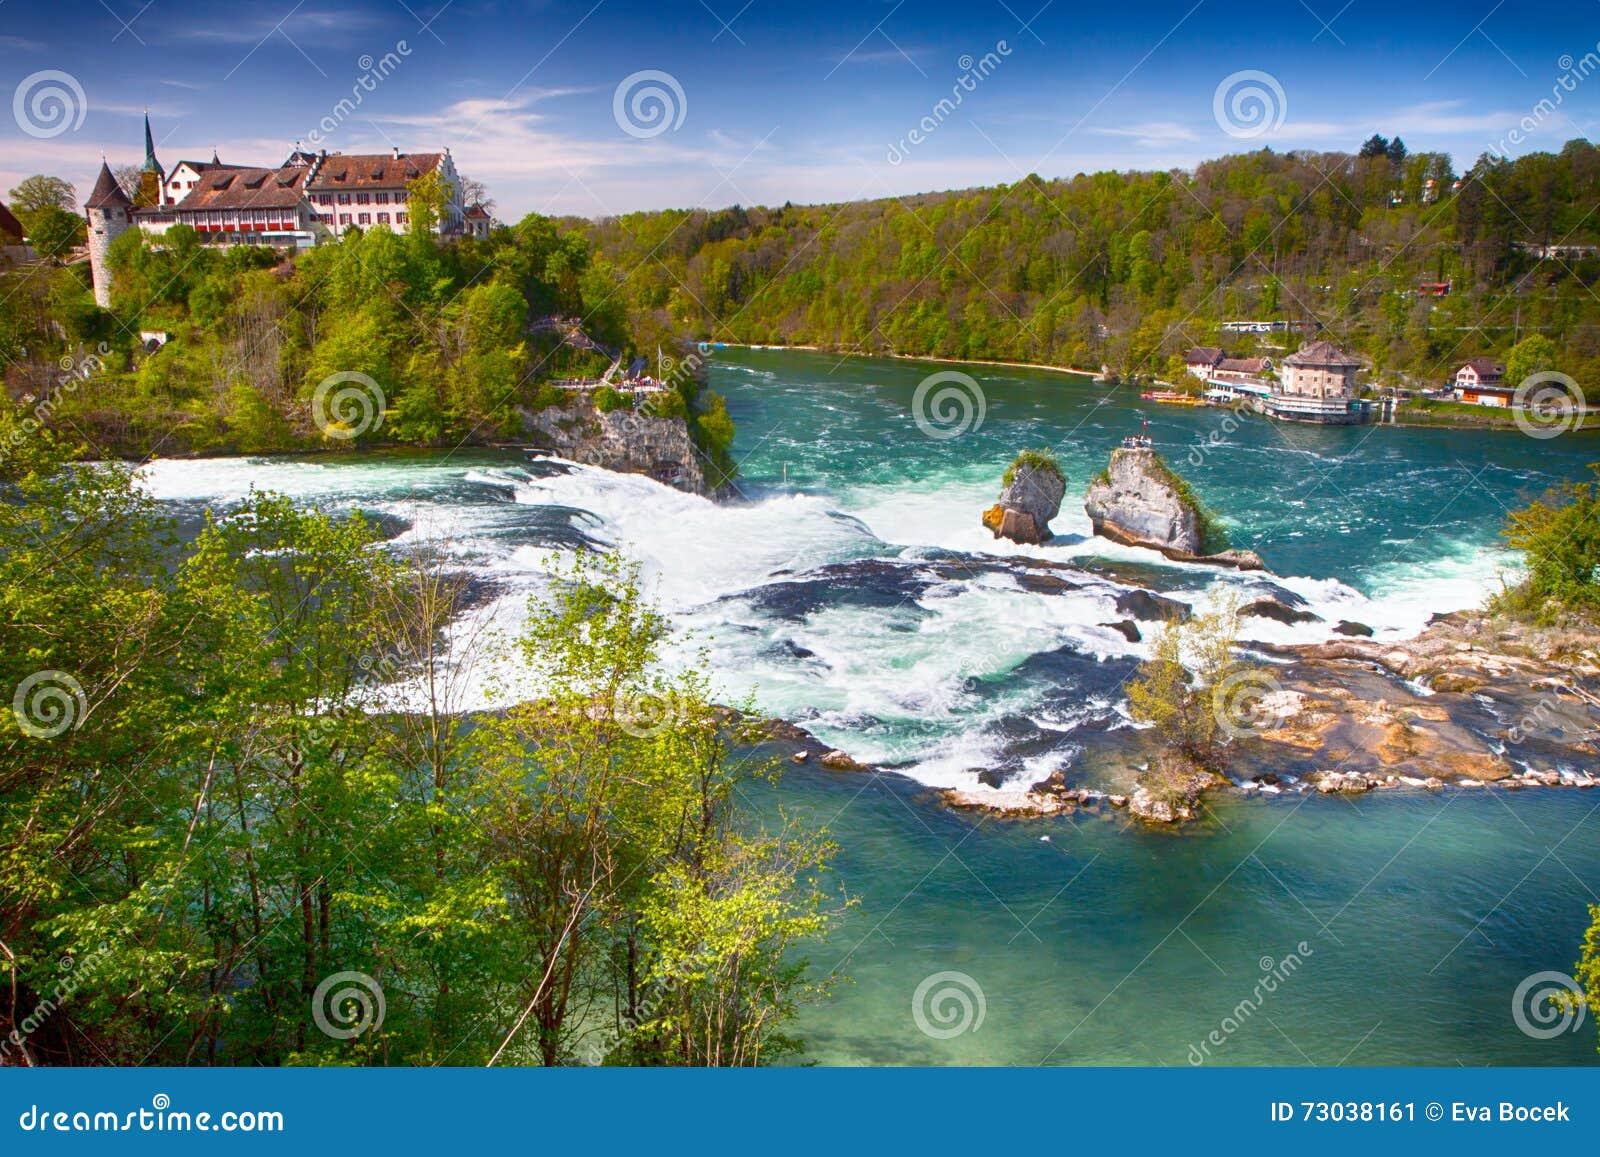 Watervallen Van Schaffhausen Zwitserland.De Mening Aan Rijn Valt Dichtbij Schaffhausen Zwitserland